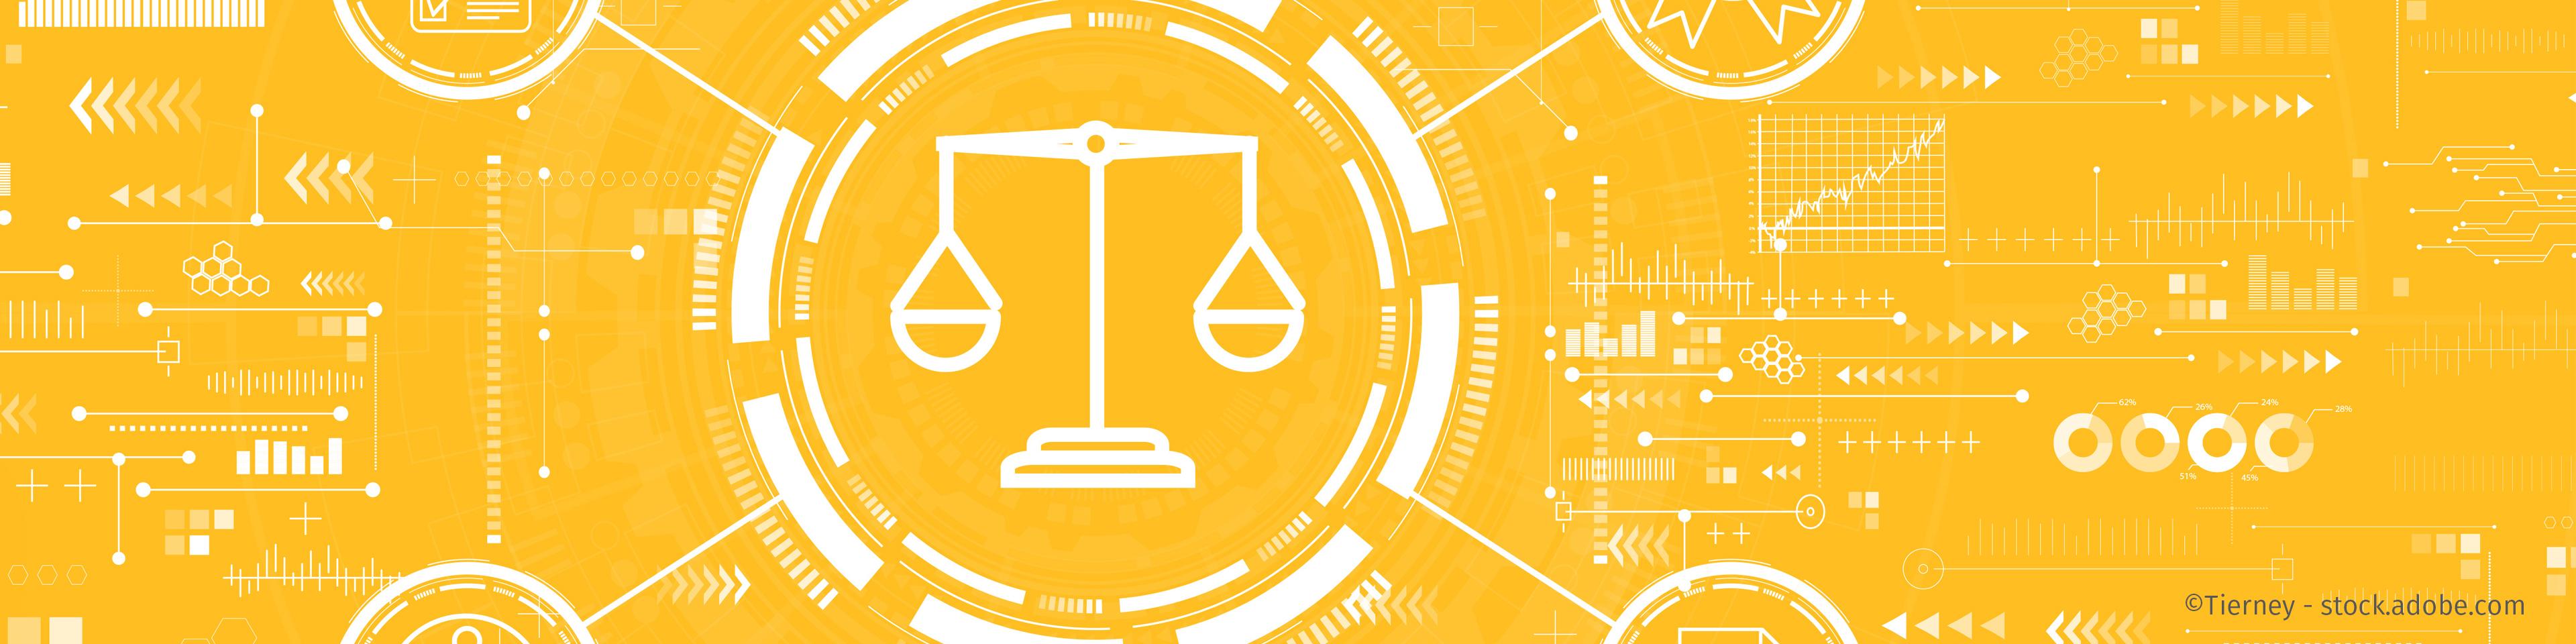 Les outils de technologie juridique au service des cabinets d'avocats et des services juridiques